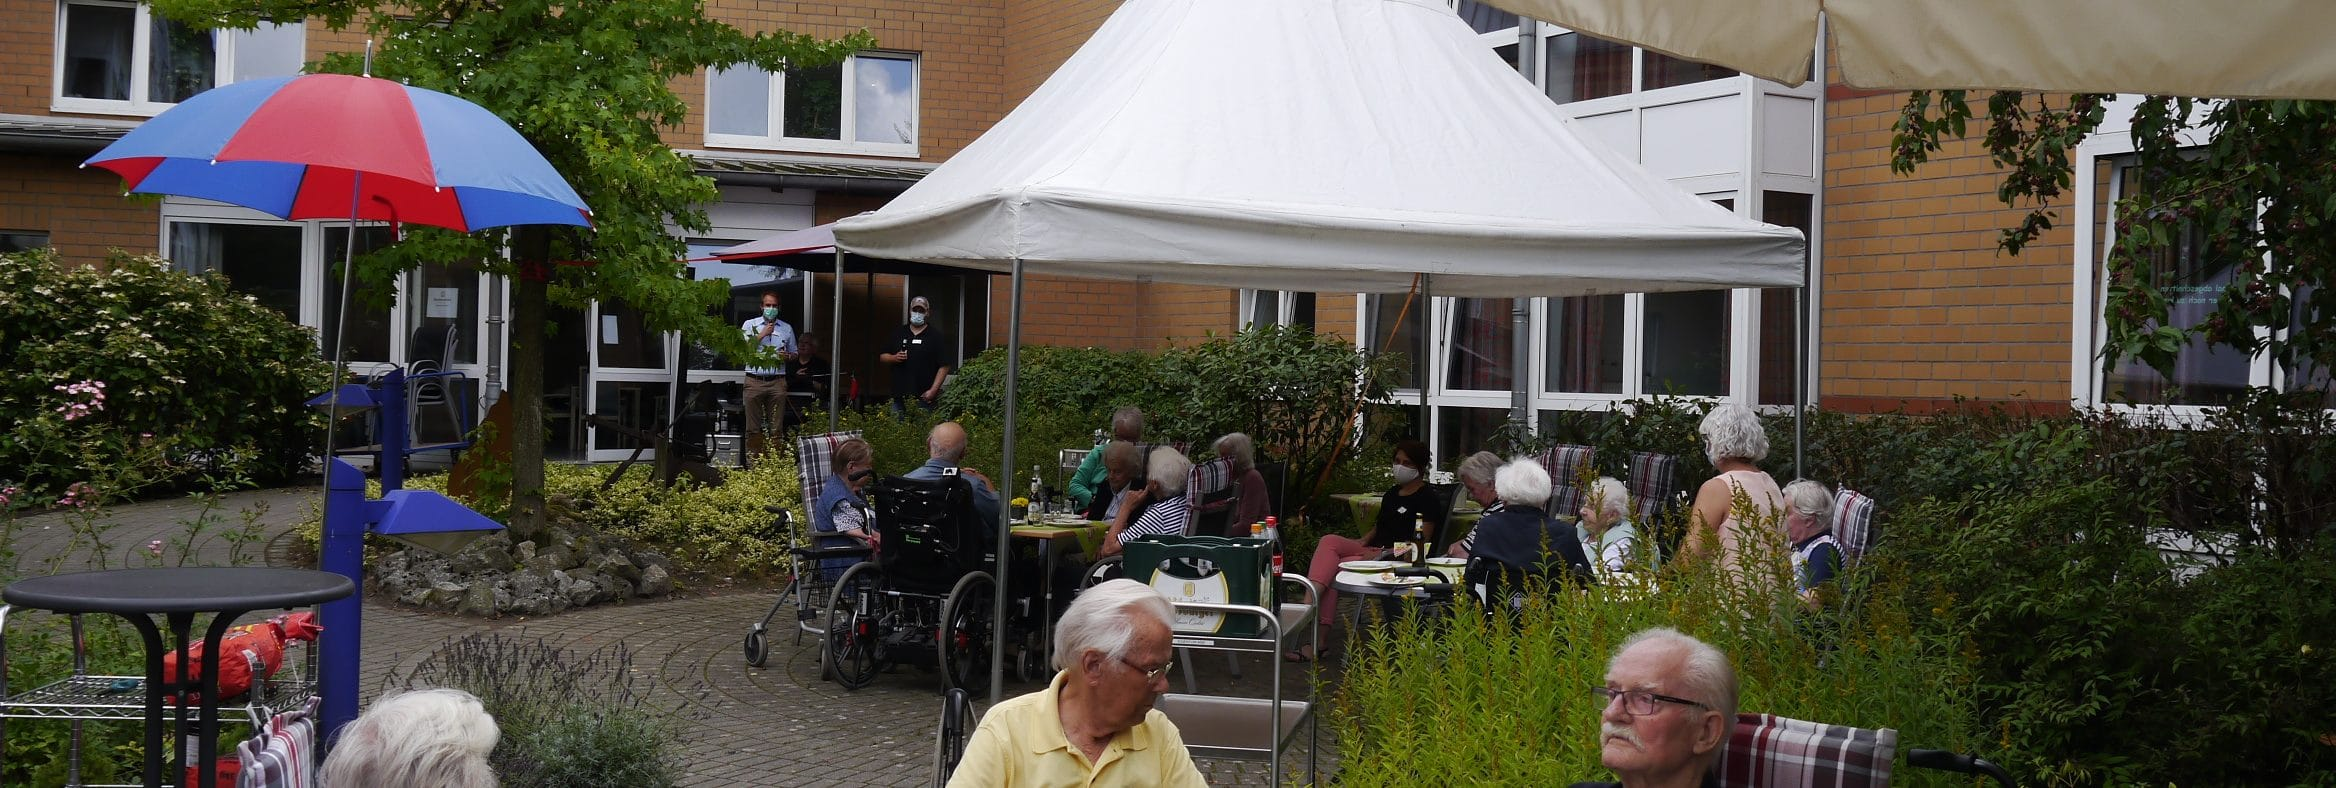 Sommerfeste im St.-Laurentius-Stift